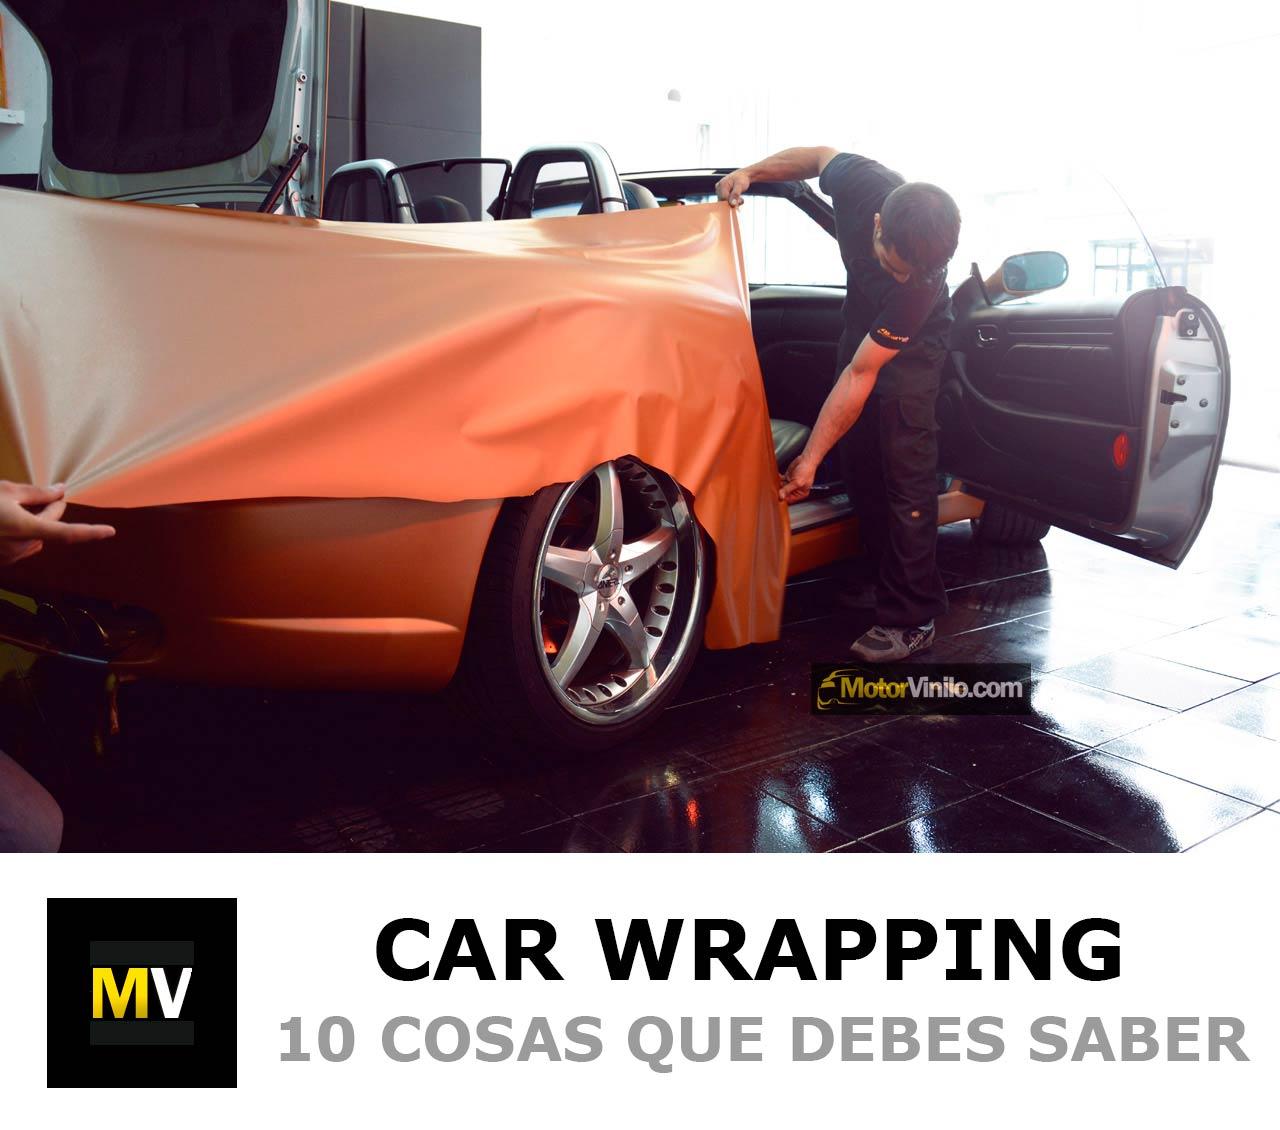 Las 10 cosas que debes saber sobre Car Wrapping. Preguntas frecuentes